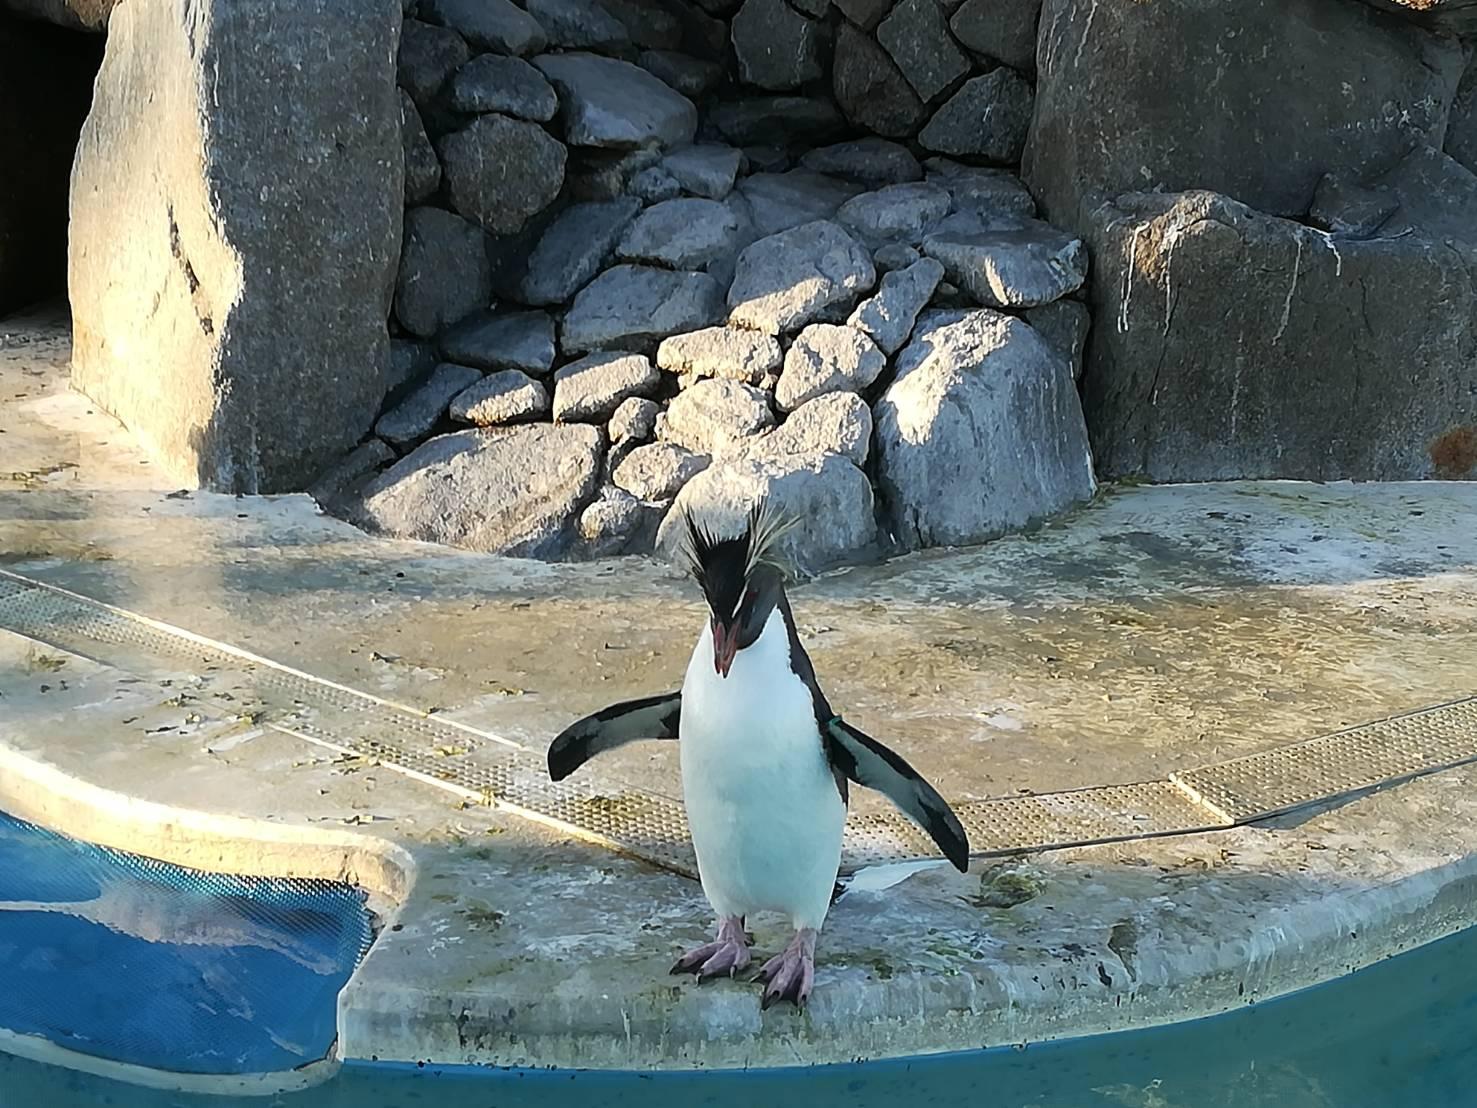 三浦の水族館「油壷マリンパーク」に行ってきた!